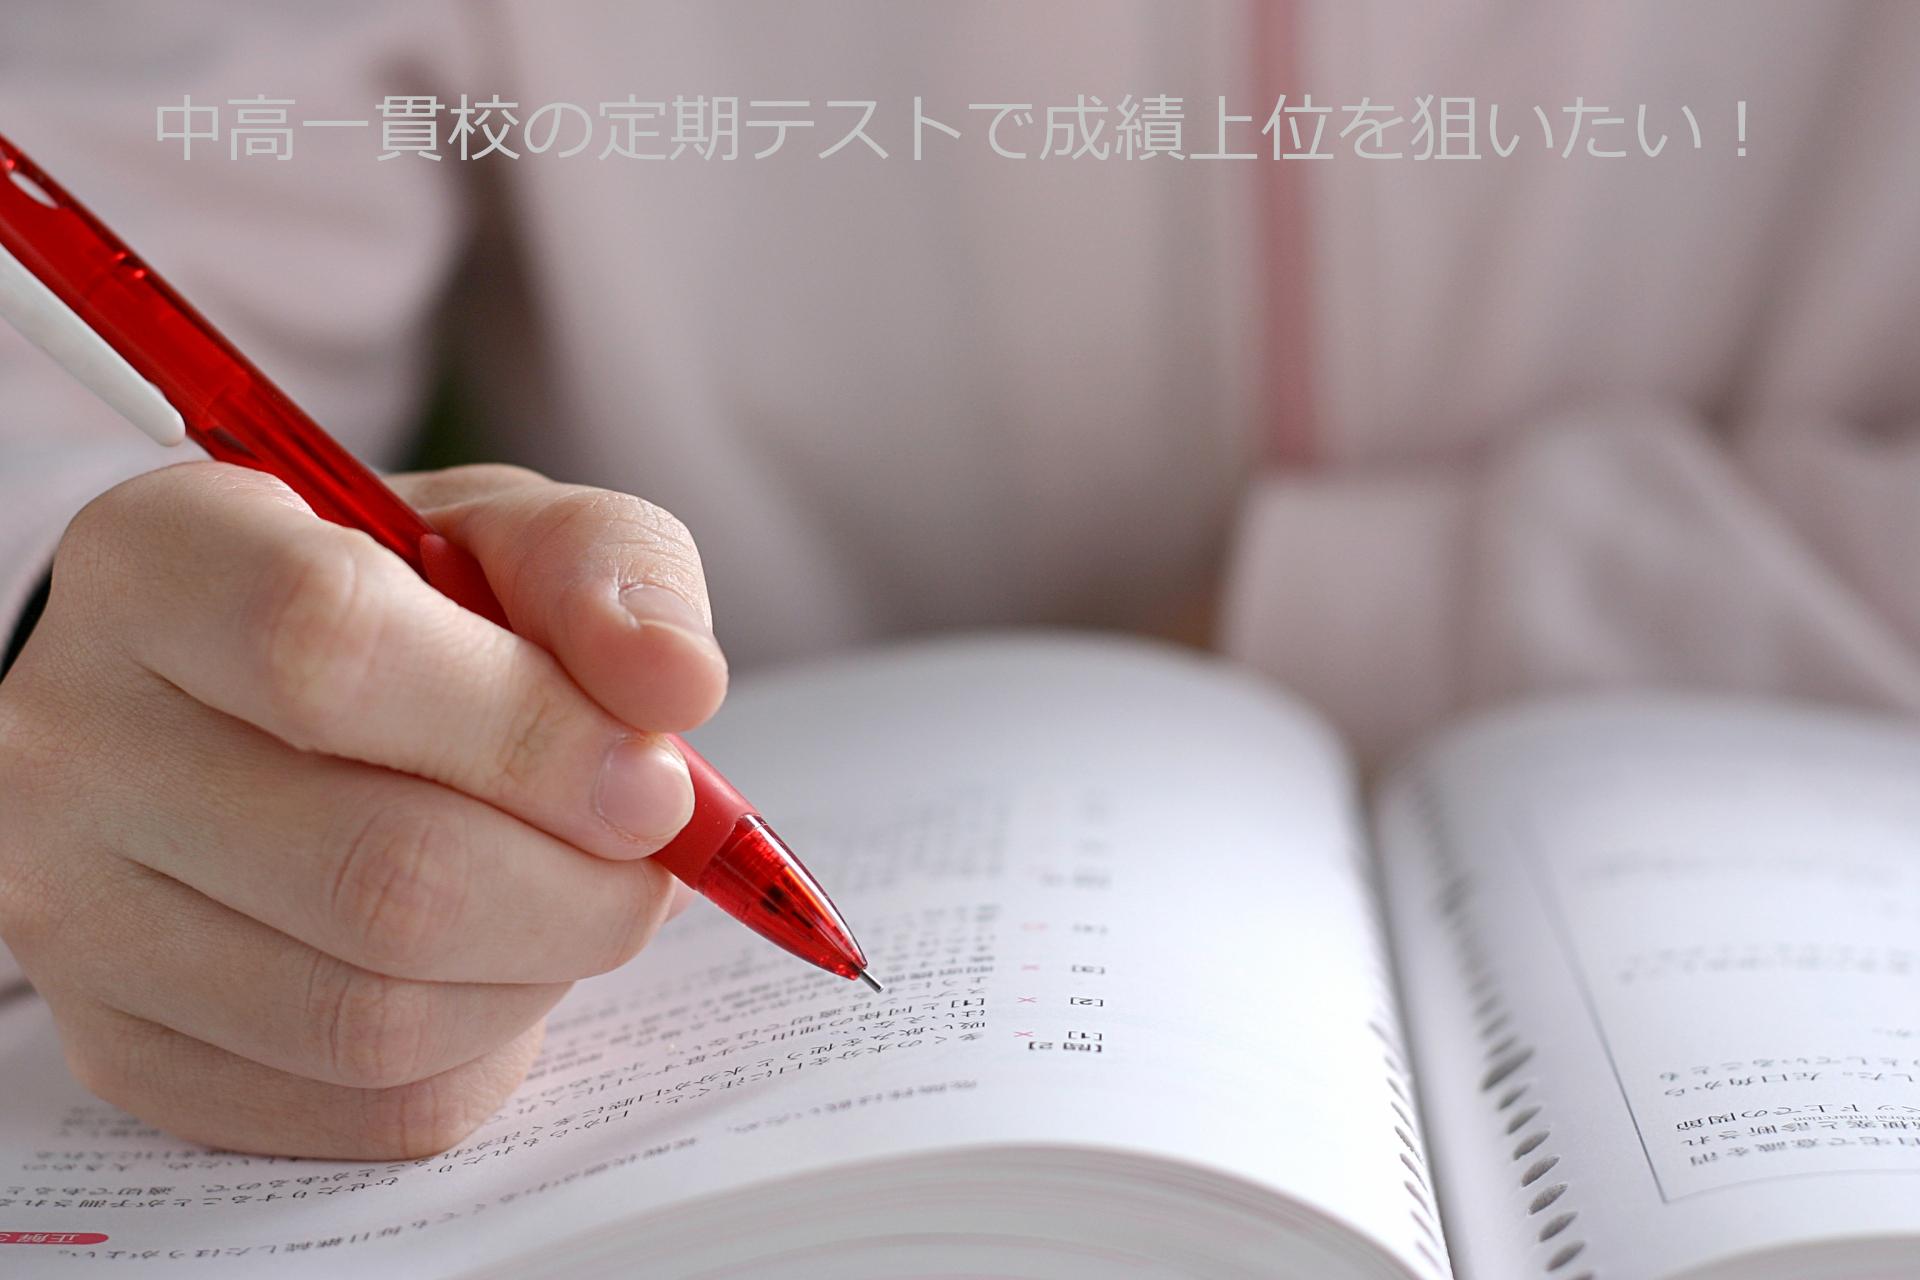 ペンを持って本をなぞる手